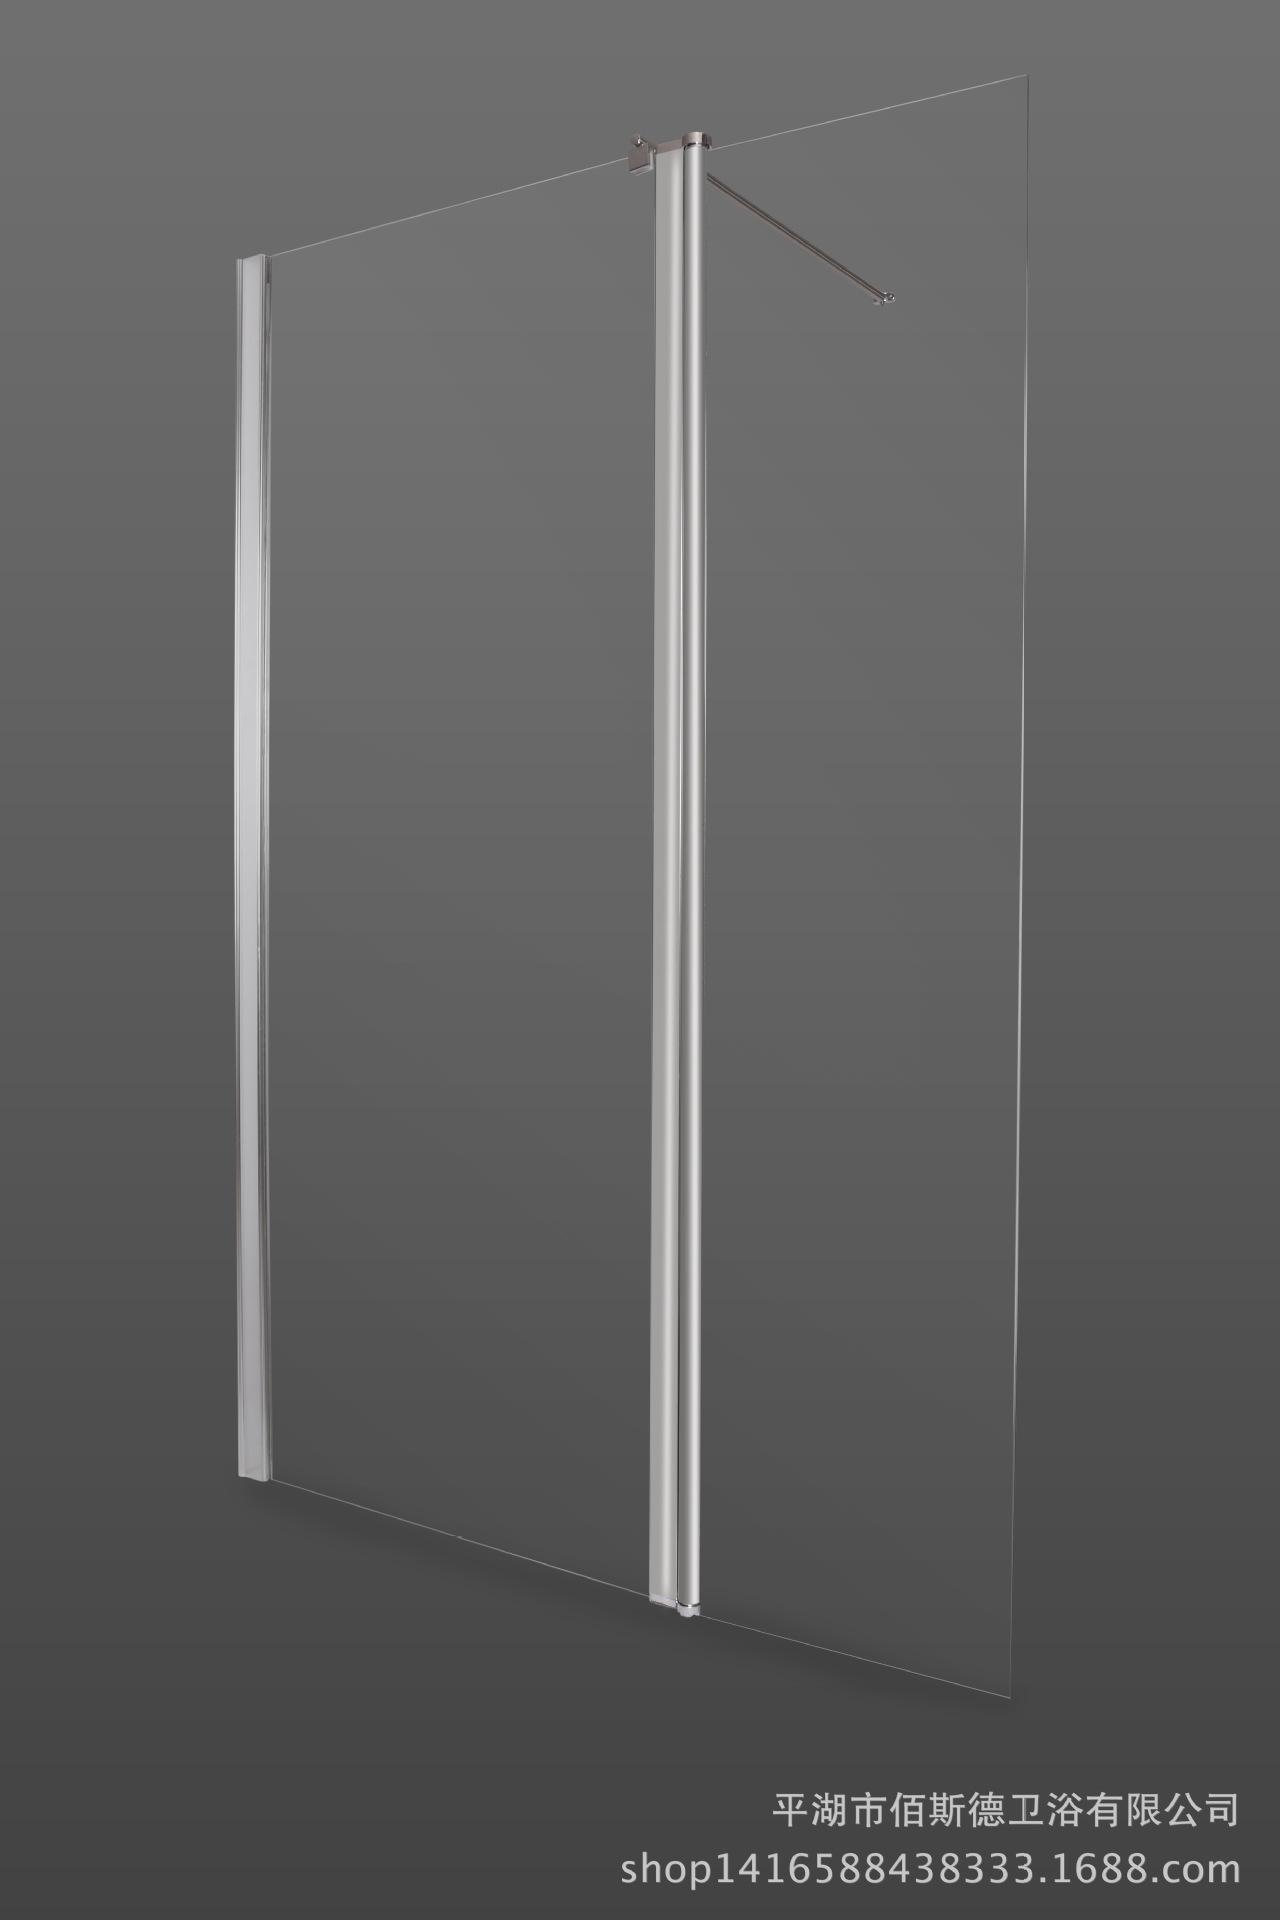 佰斯德屏风淋浴房 钢化玻璃屏风 高档外贸隔断DP-3001直销